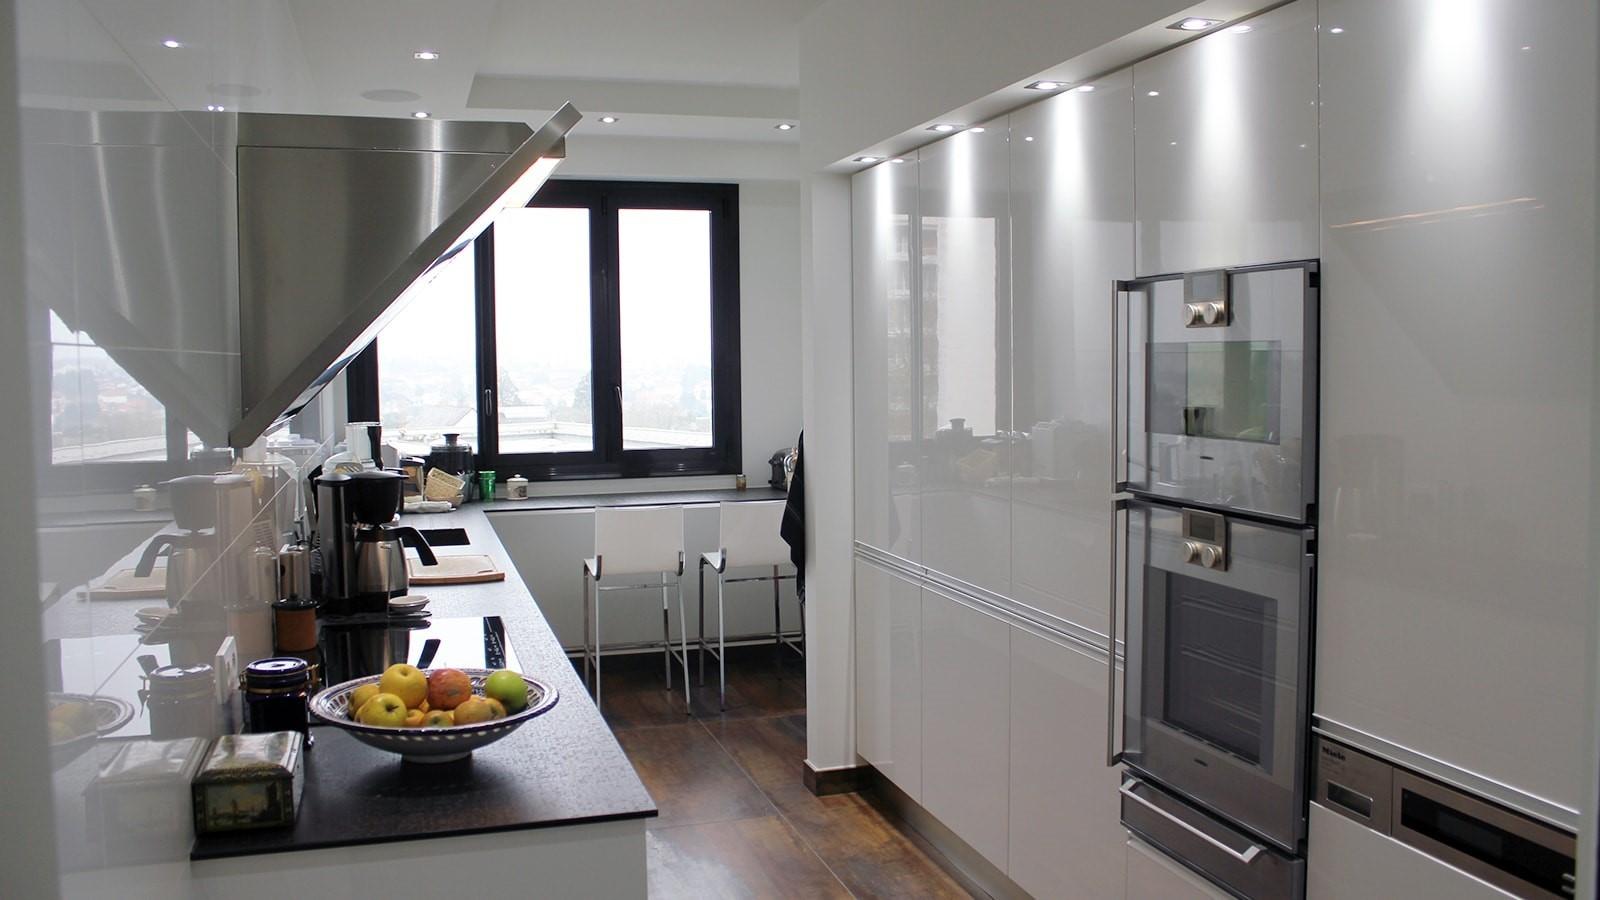 Chambre Et Cuisine Cholet Efi Design (1)